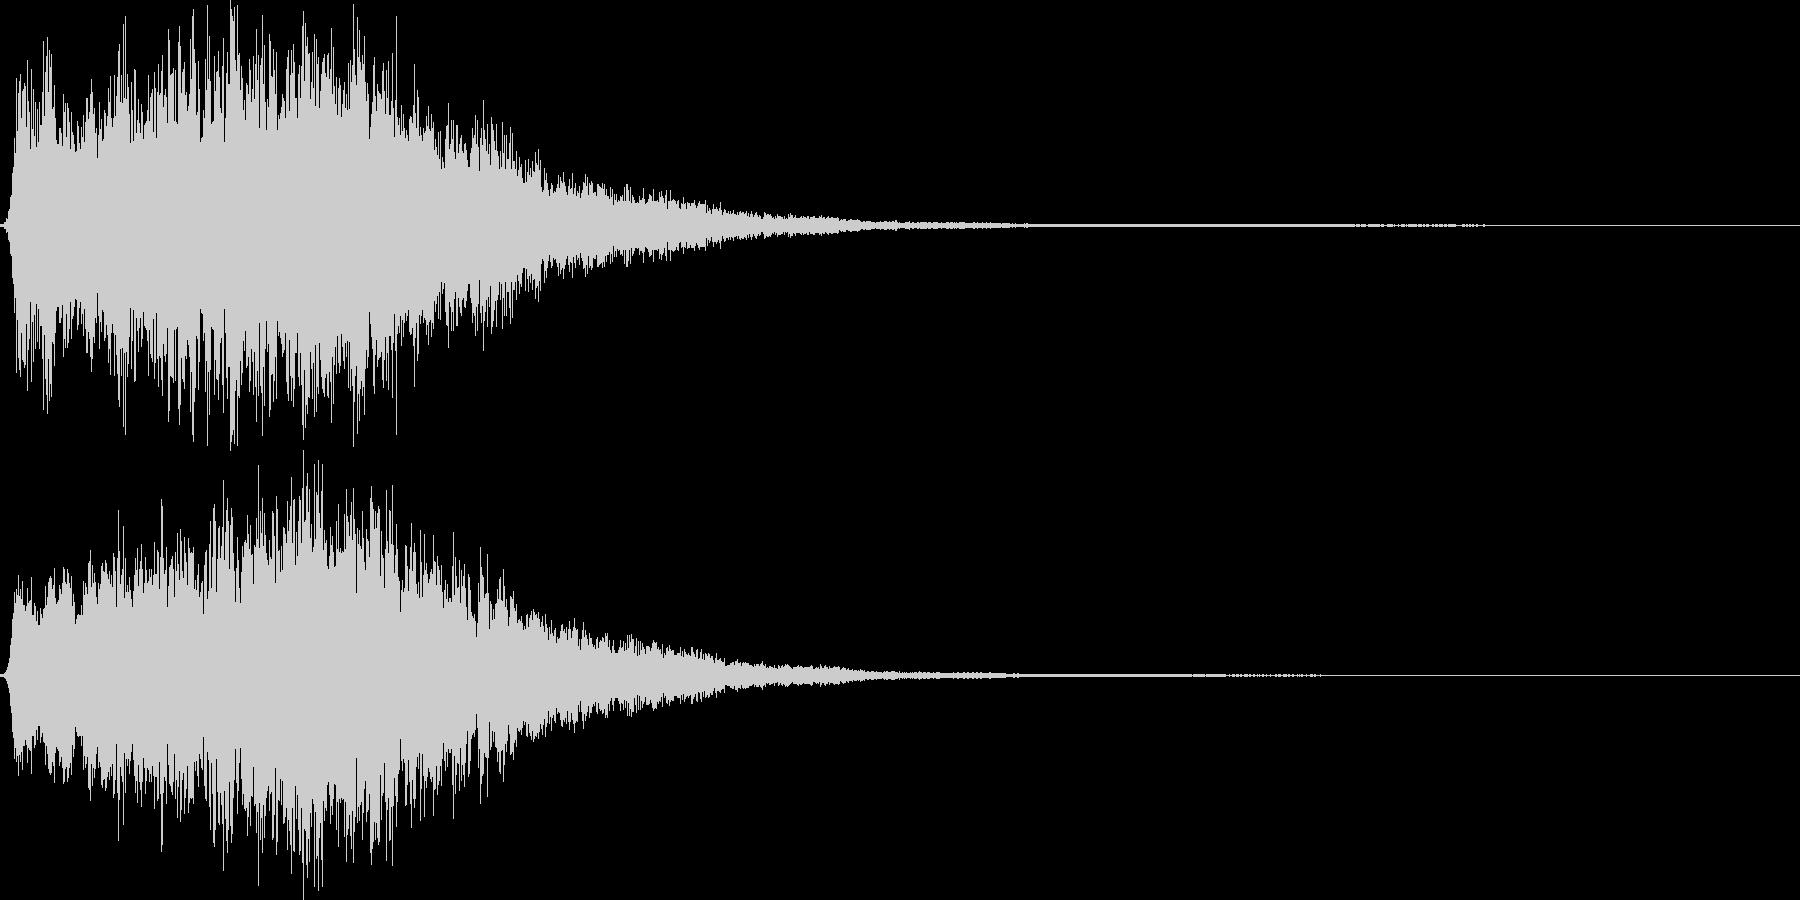 キュゥ。恐怖・悪寒の音B(下降)の未再生の波形